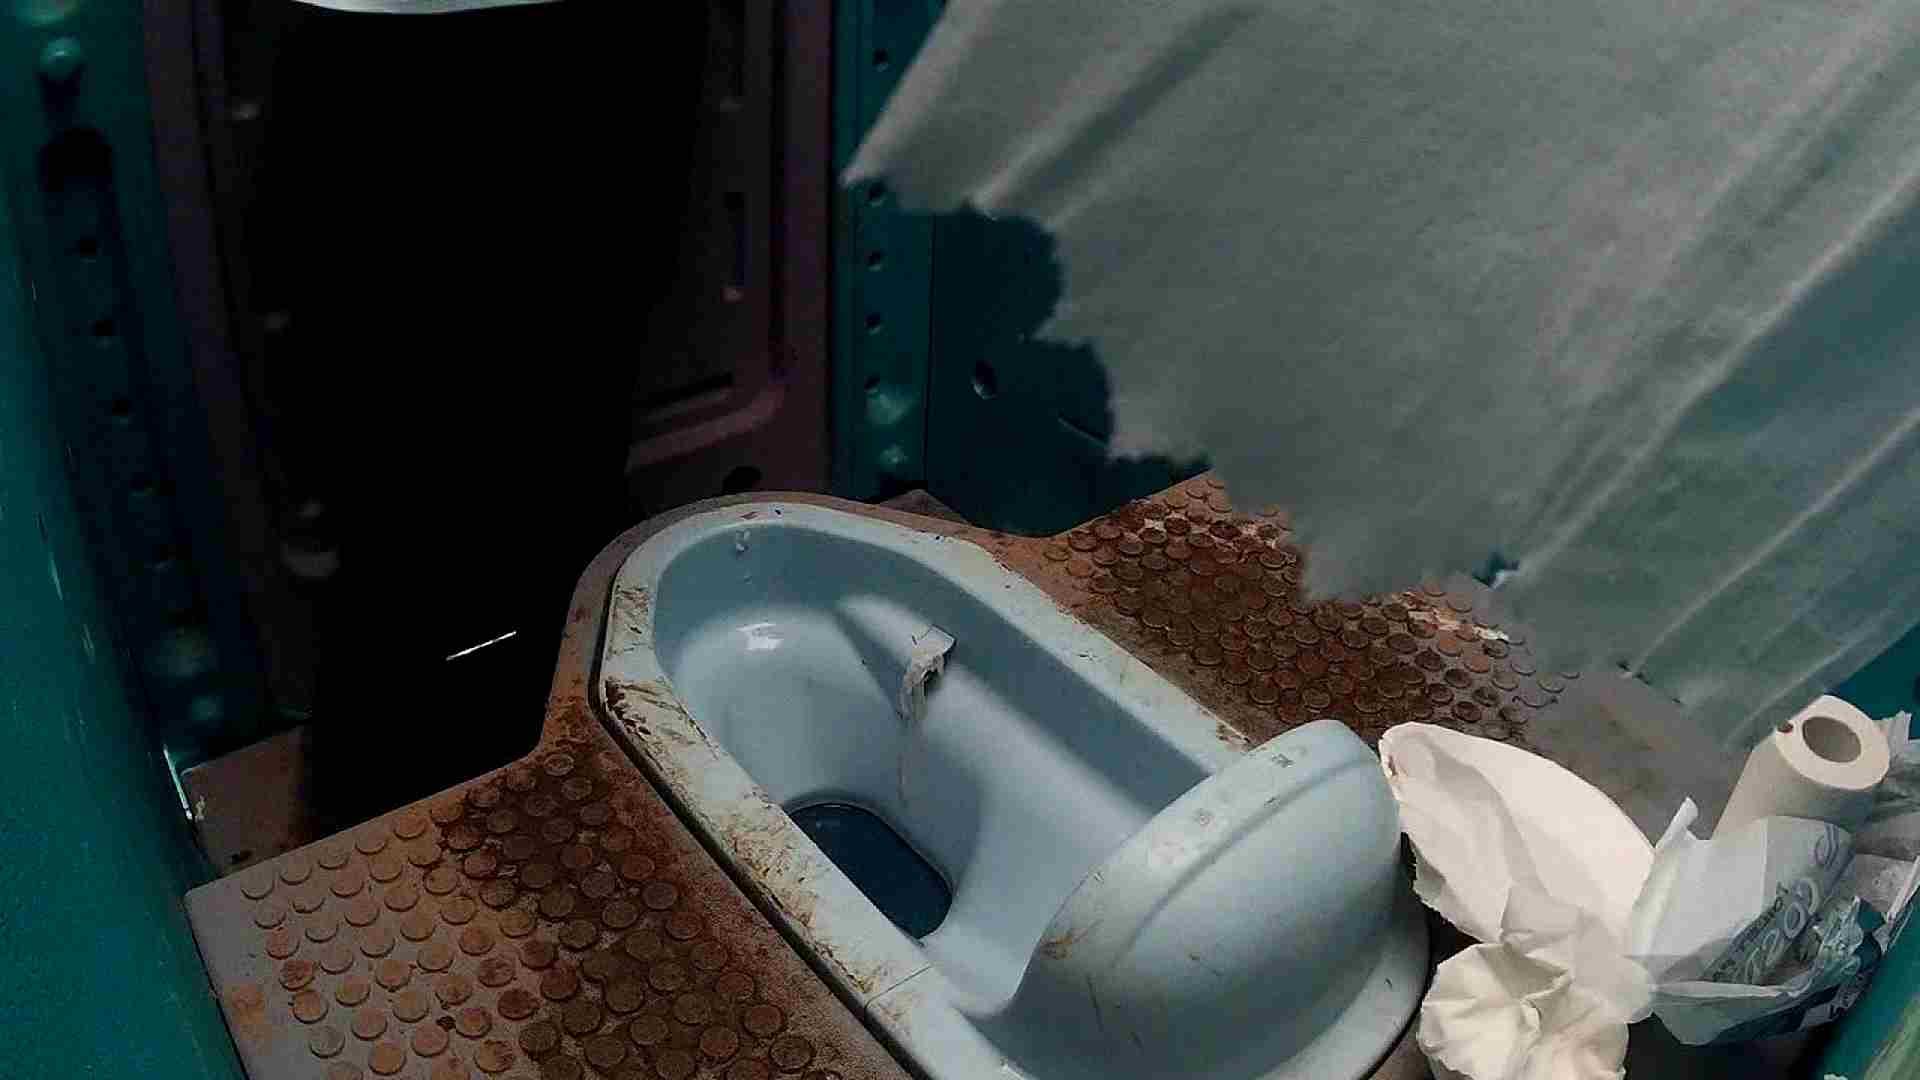 痴態洗面所 Vol.07 んーっ設置のむずかしさ、また「紙」様が・・・ エロいOL | 0  48枚